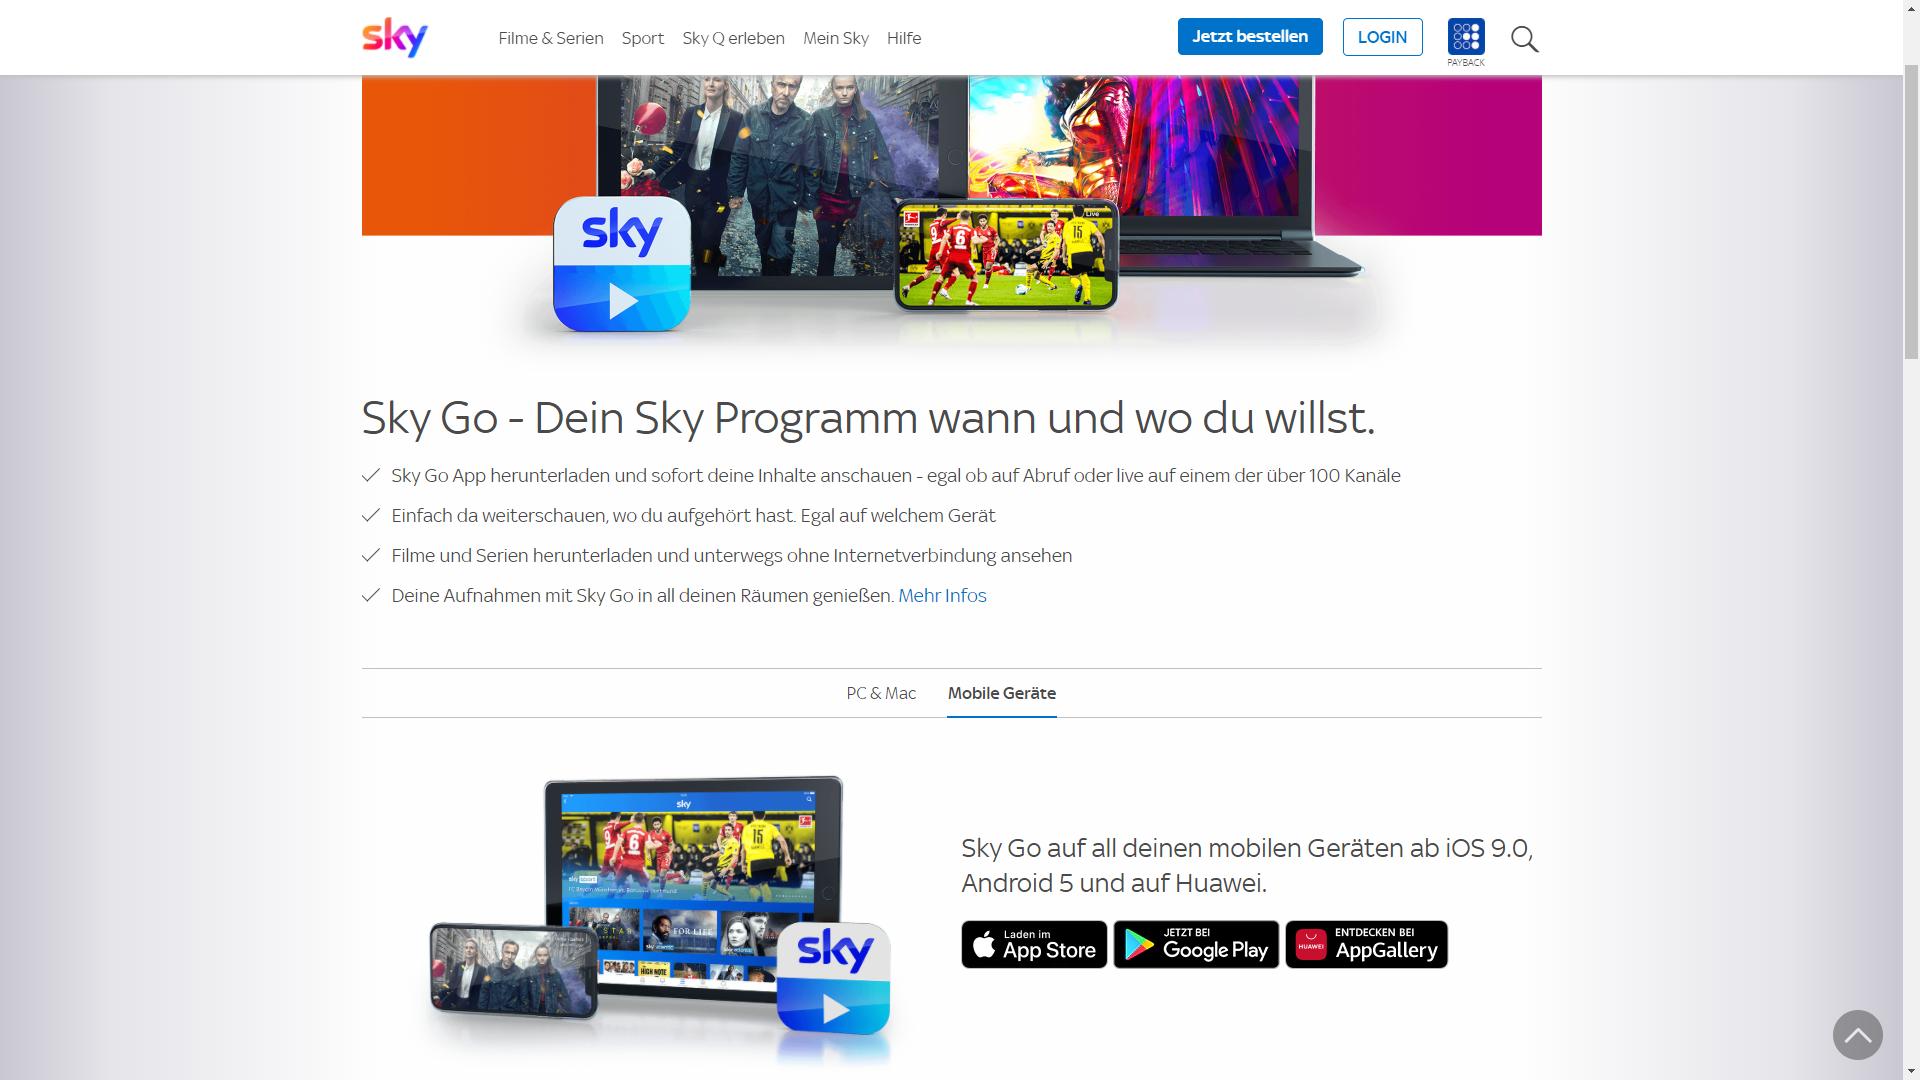 Mit Sky Go können Sie auch unterwegs Ihre Sky Inhalte konsumieren.